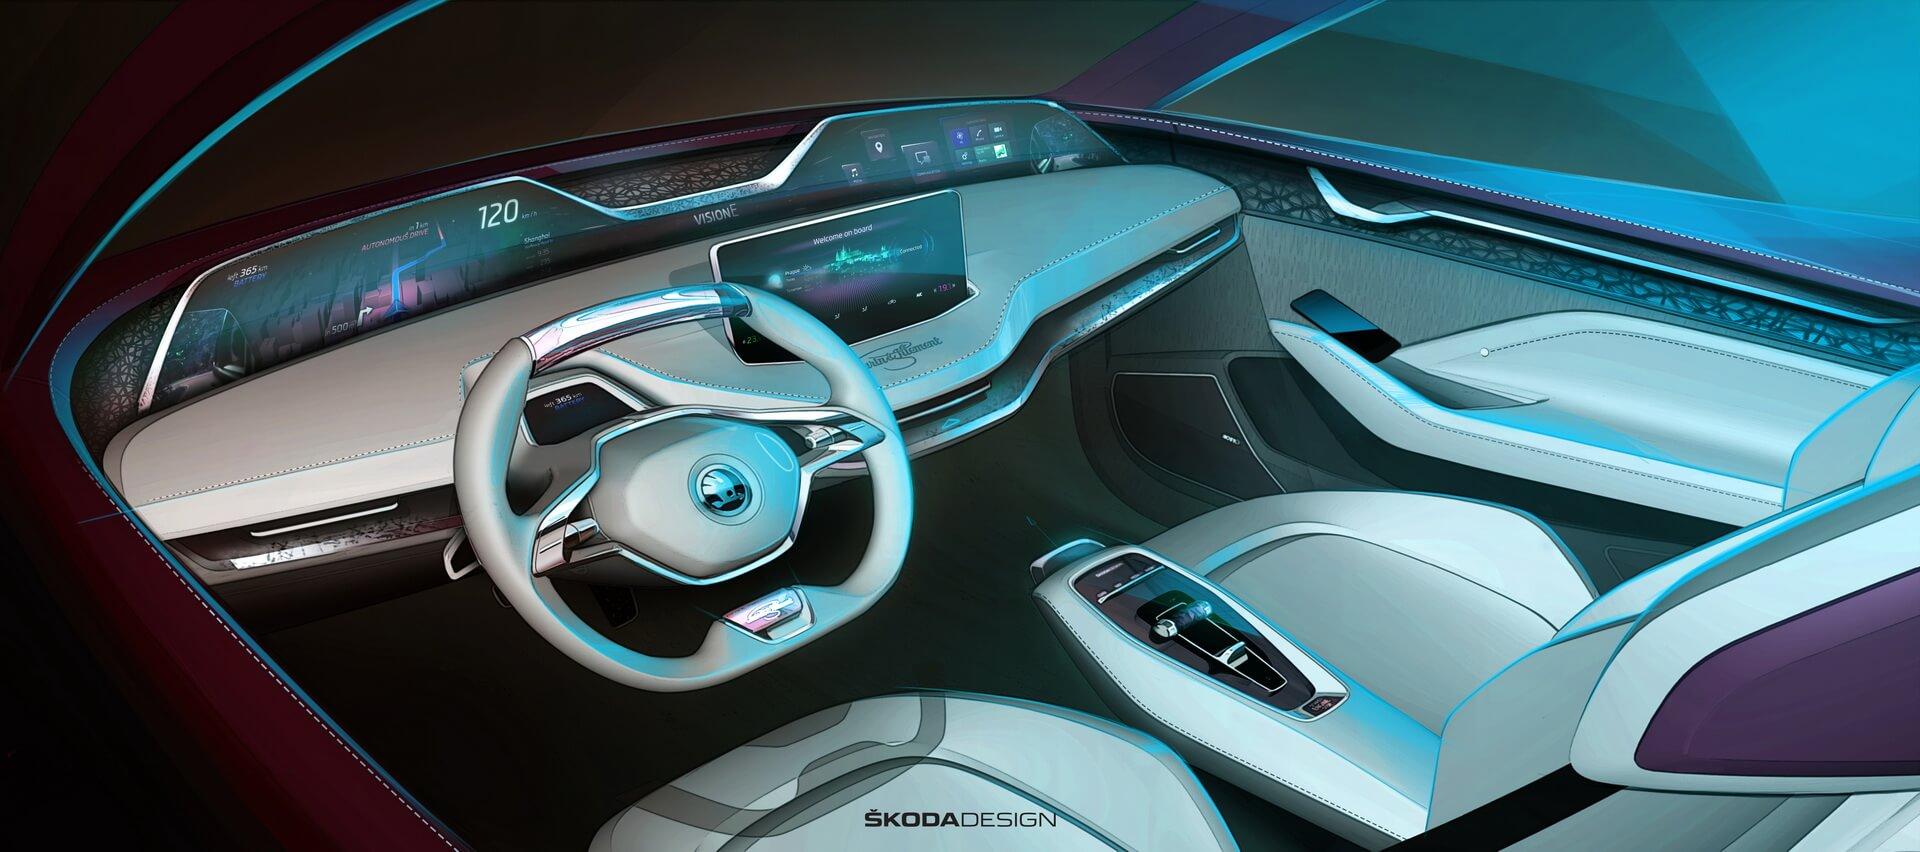 Приборная панель электромобиля Skoda Vision E